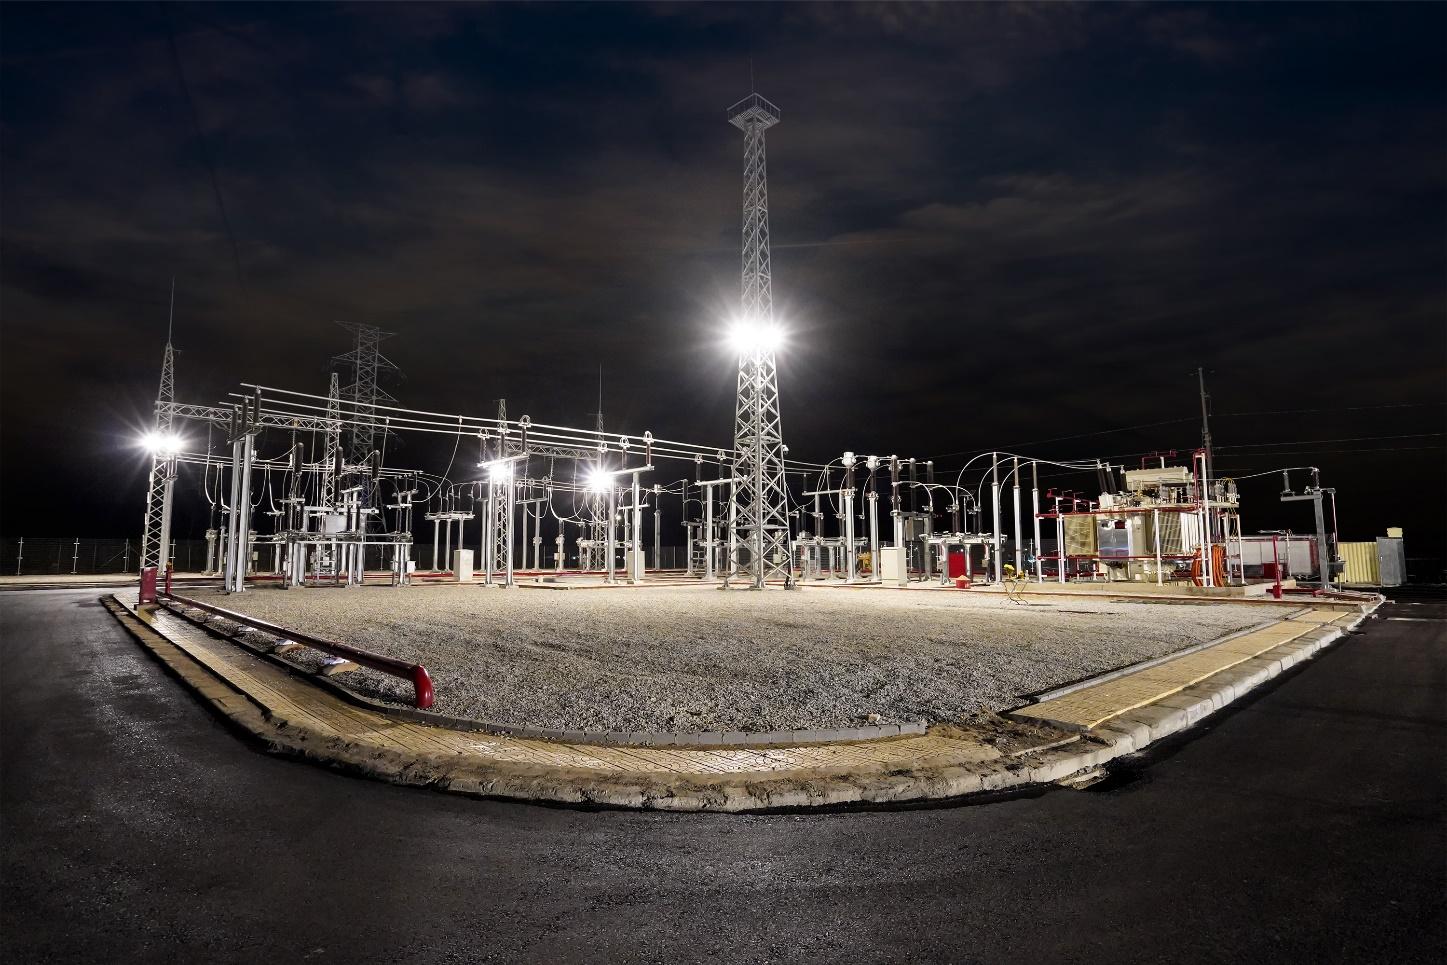 Khánh thành Nhà máy điện mặt trời Phước Ninh: Góp phần đưa Ninh Thuận trở thành trung tâm NLTT của cả nước  - Ảnh 3